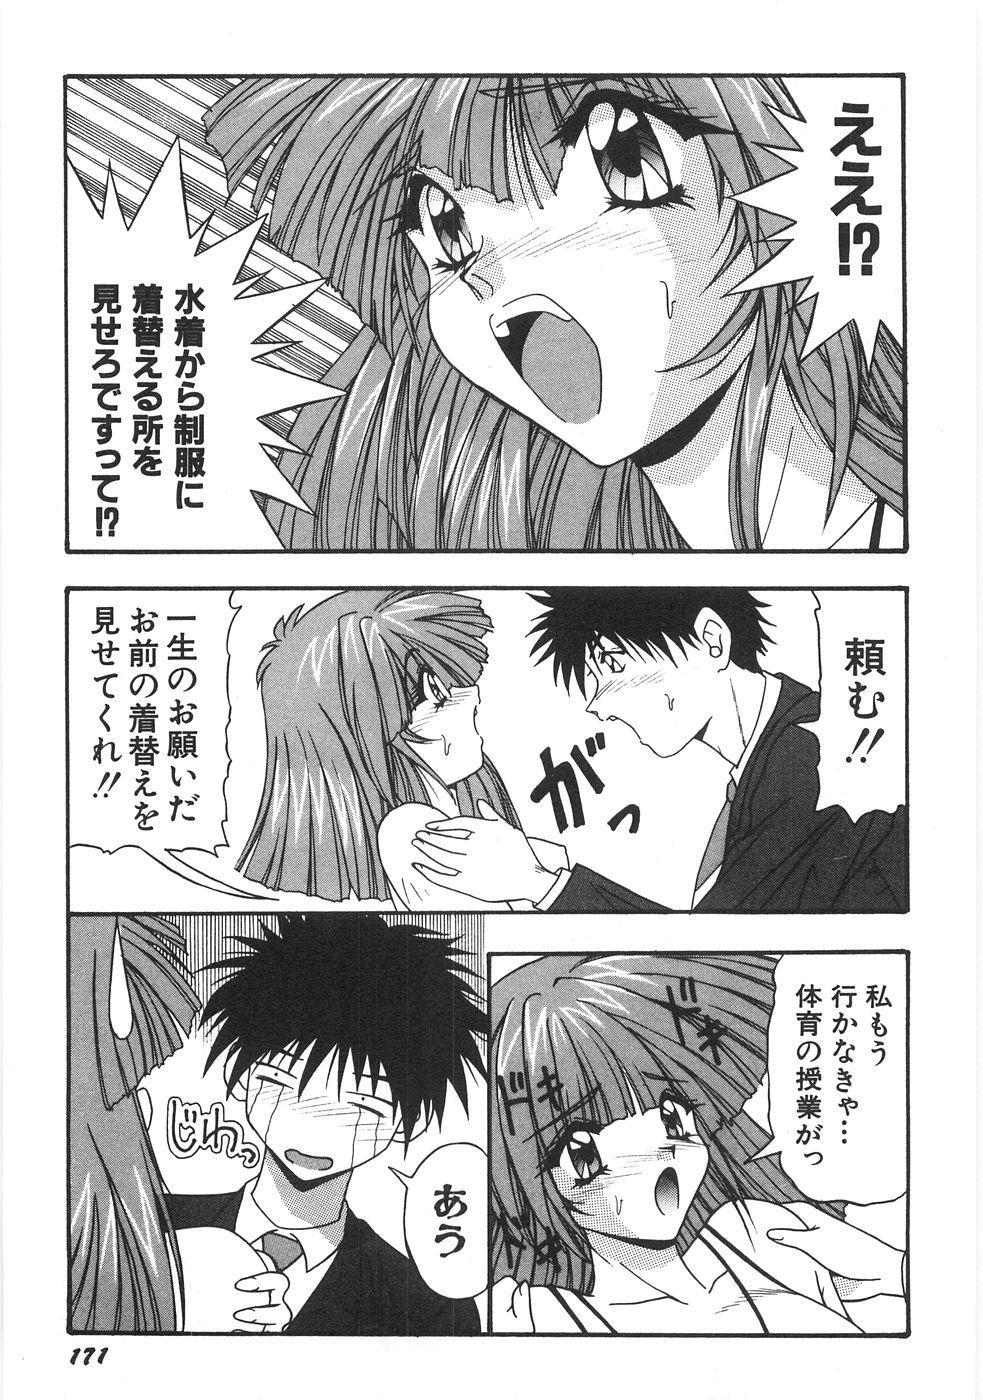 Seifuku Zukan Tenshi no Mitsugi 176